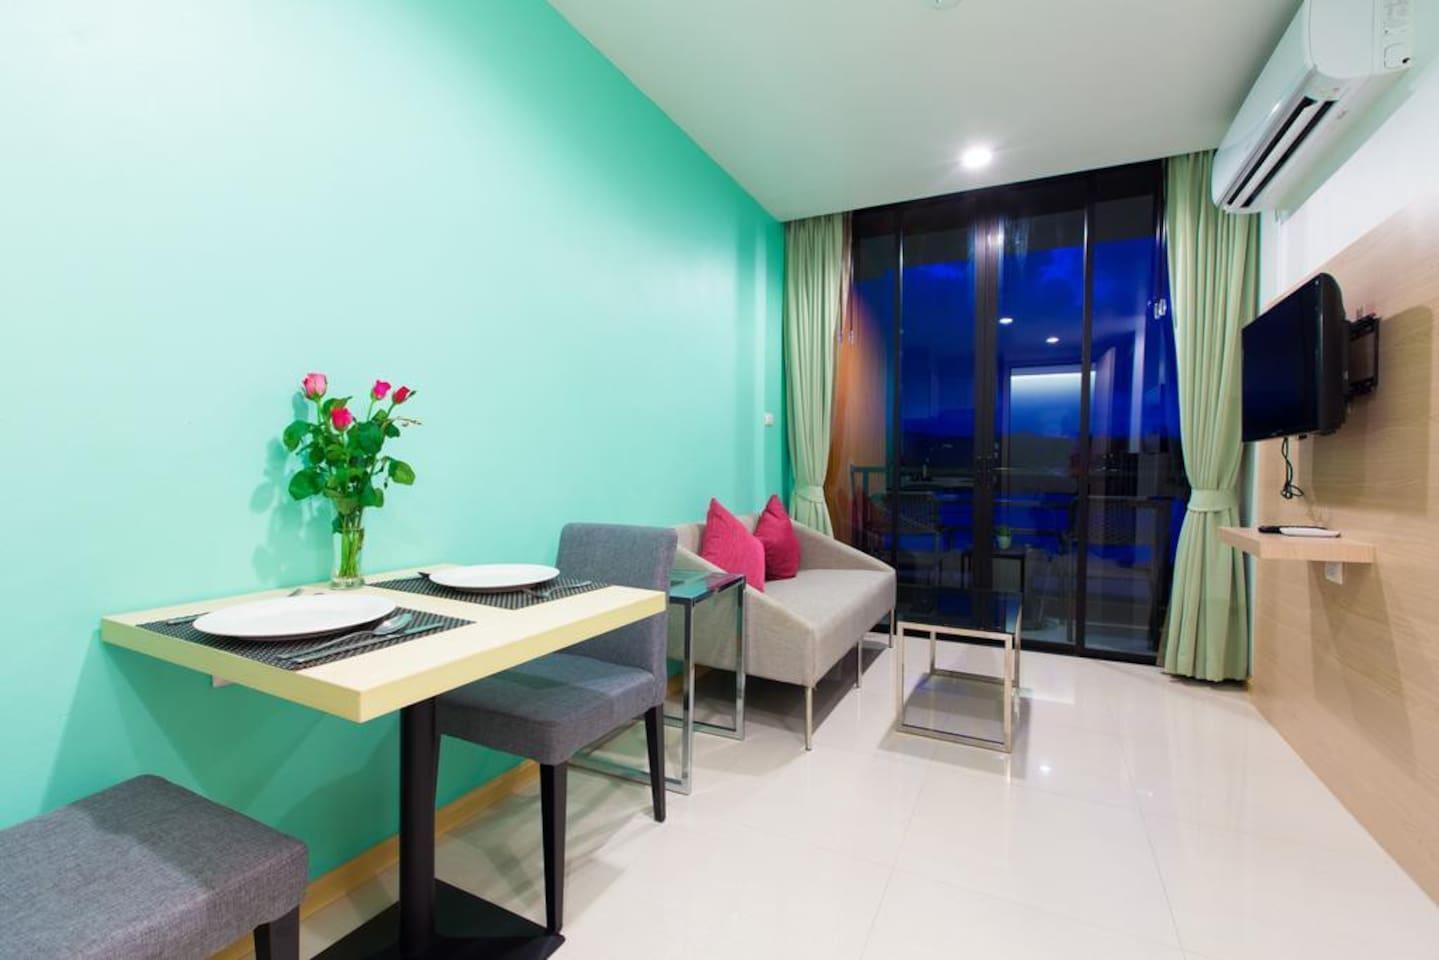 Executive Suite 1 Bedroom, Ko Samui near Airport อพาร์ตเมนต์ 1 ห้องนอน 1 ห้องน้ำส่วนตัว ขนาด 60 ตร.ม. – หาดบ่อผุด